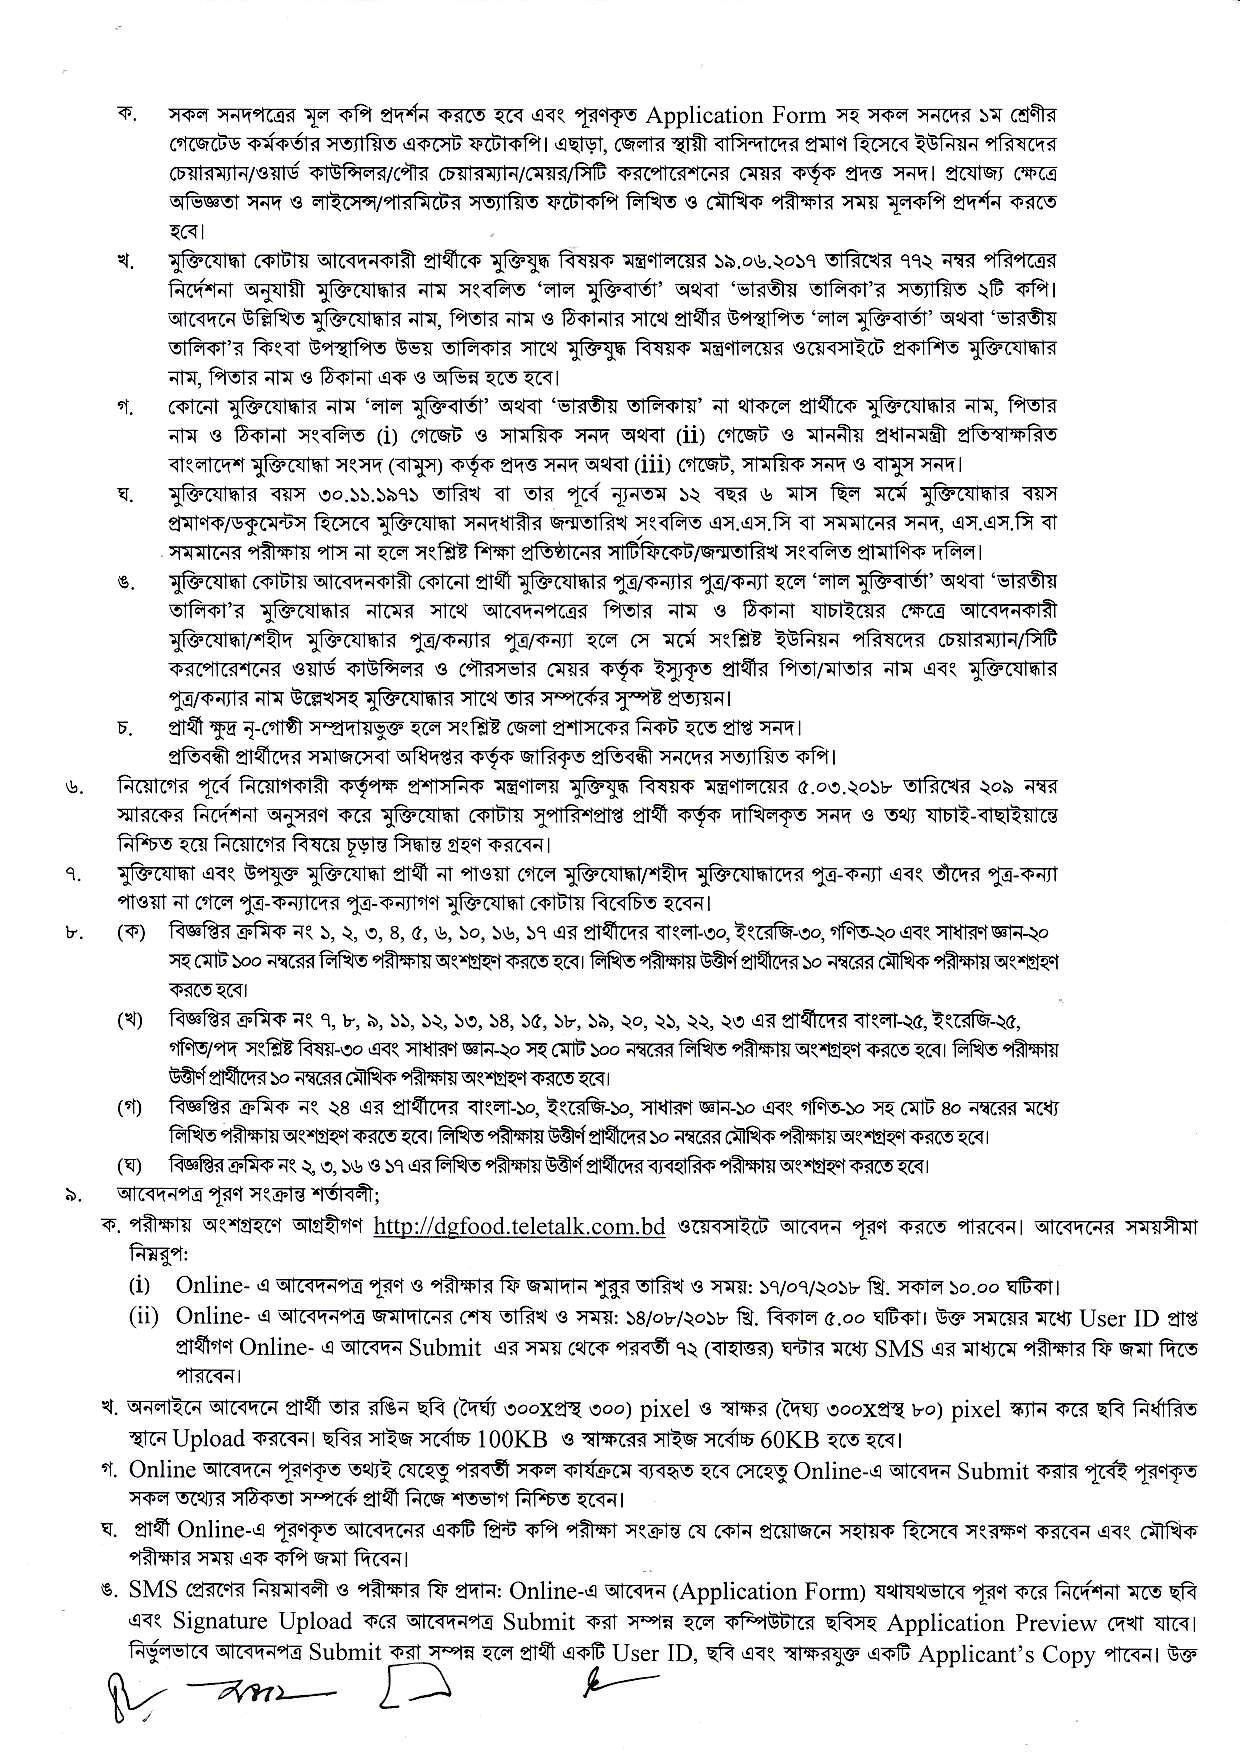 Directorate-General-of-Food-dgfood-Job-Circular-2018-page-004